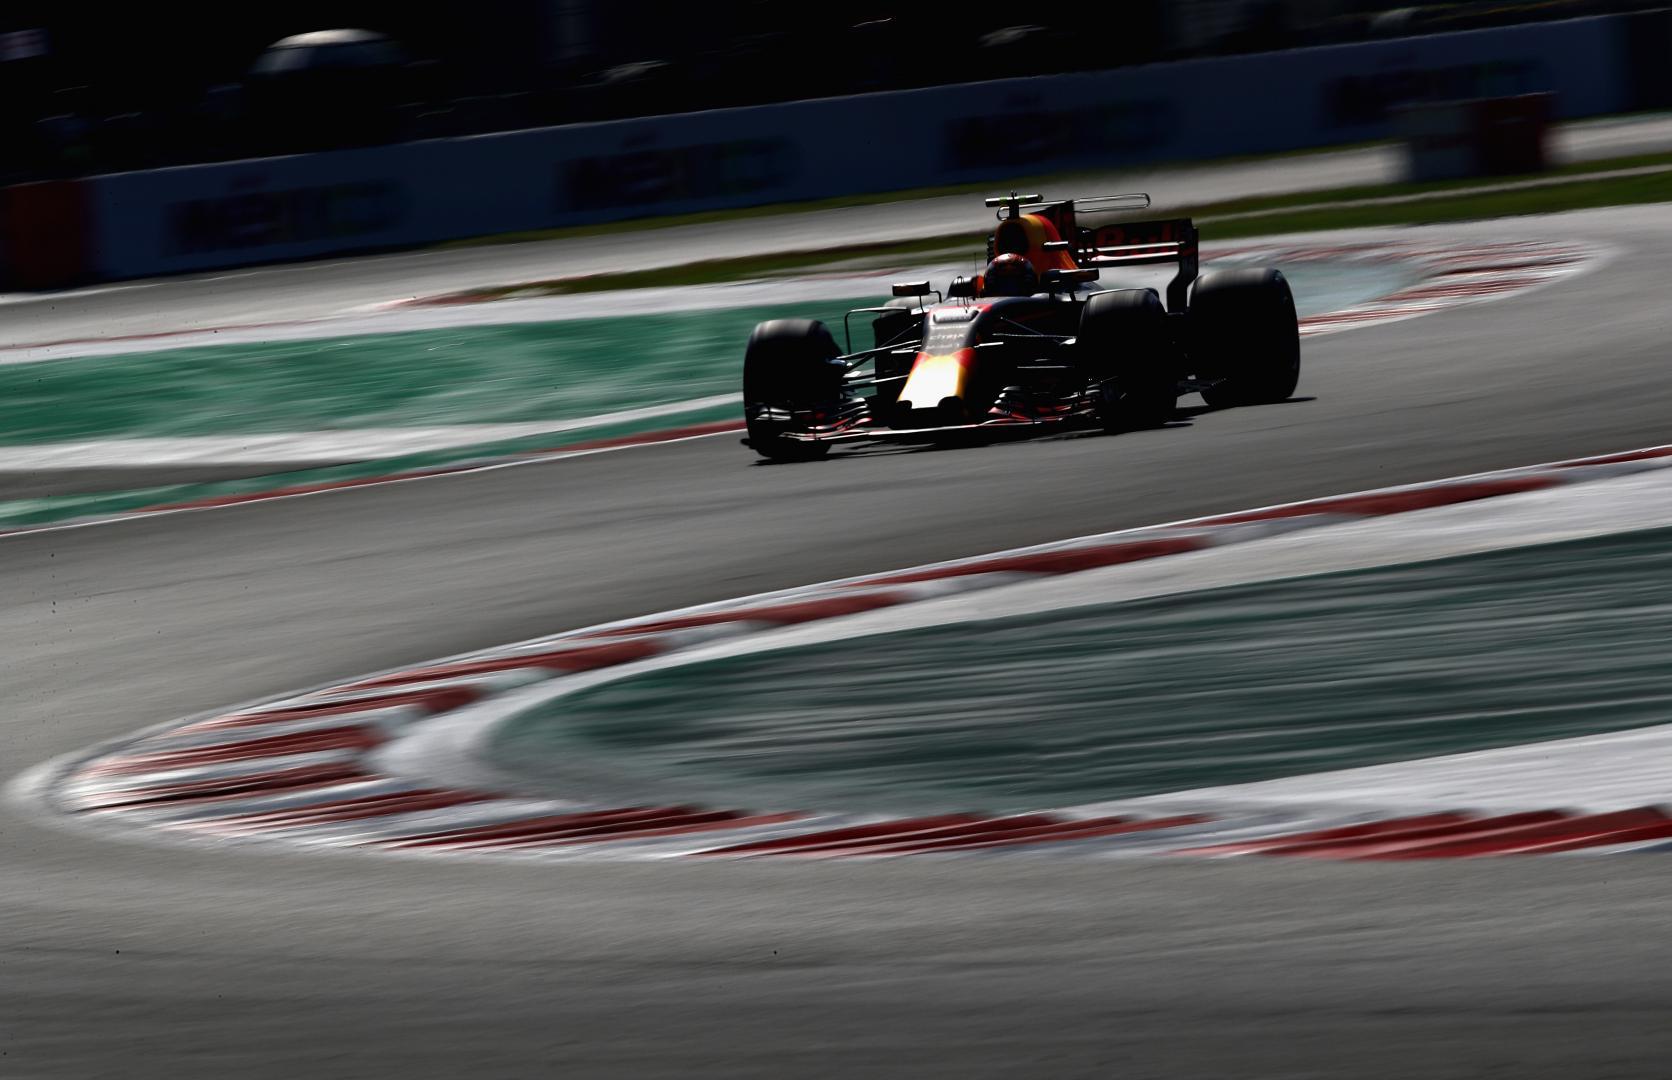 Kwalificatie van de GP van Mexico 2017